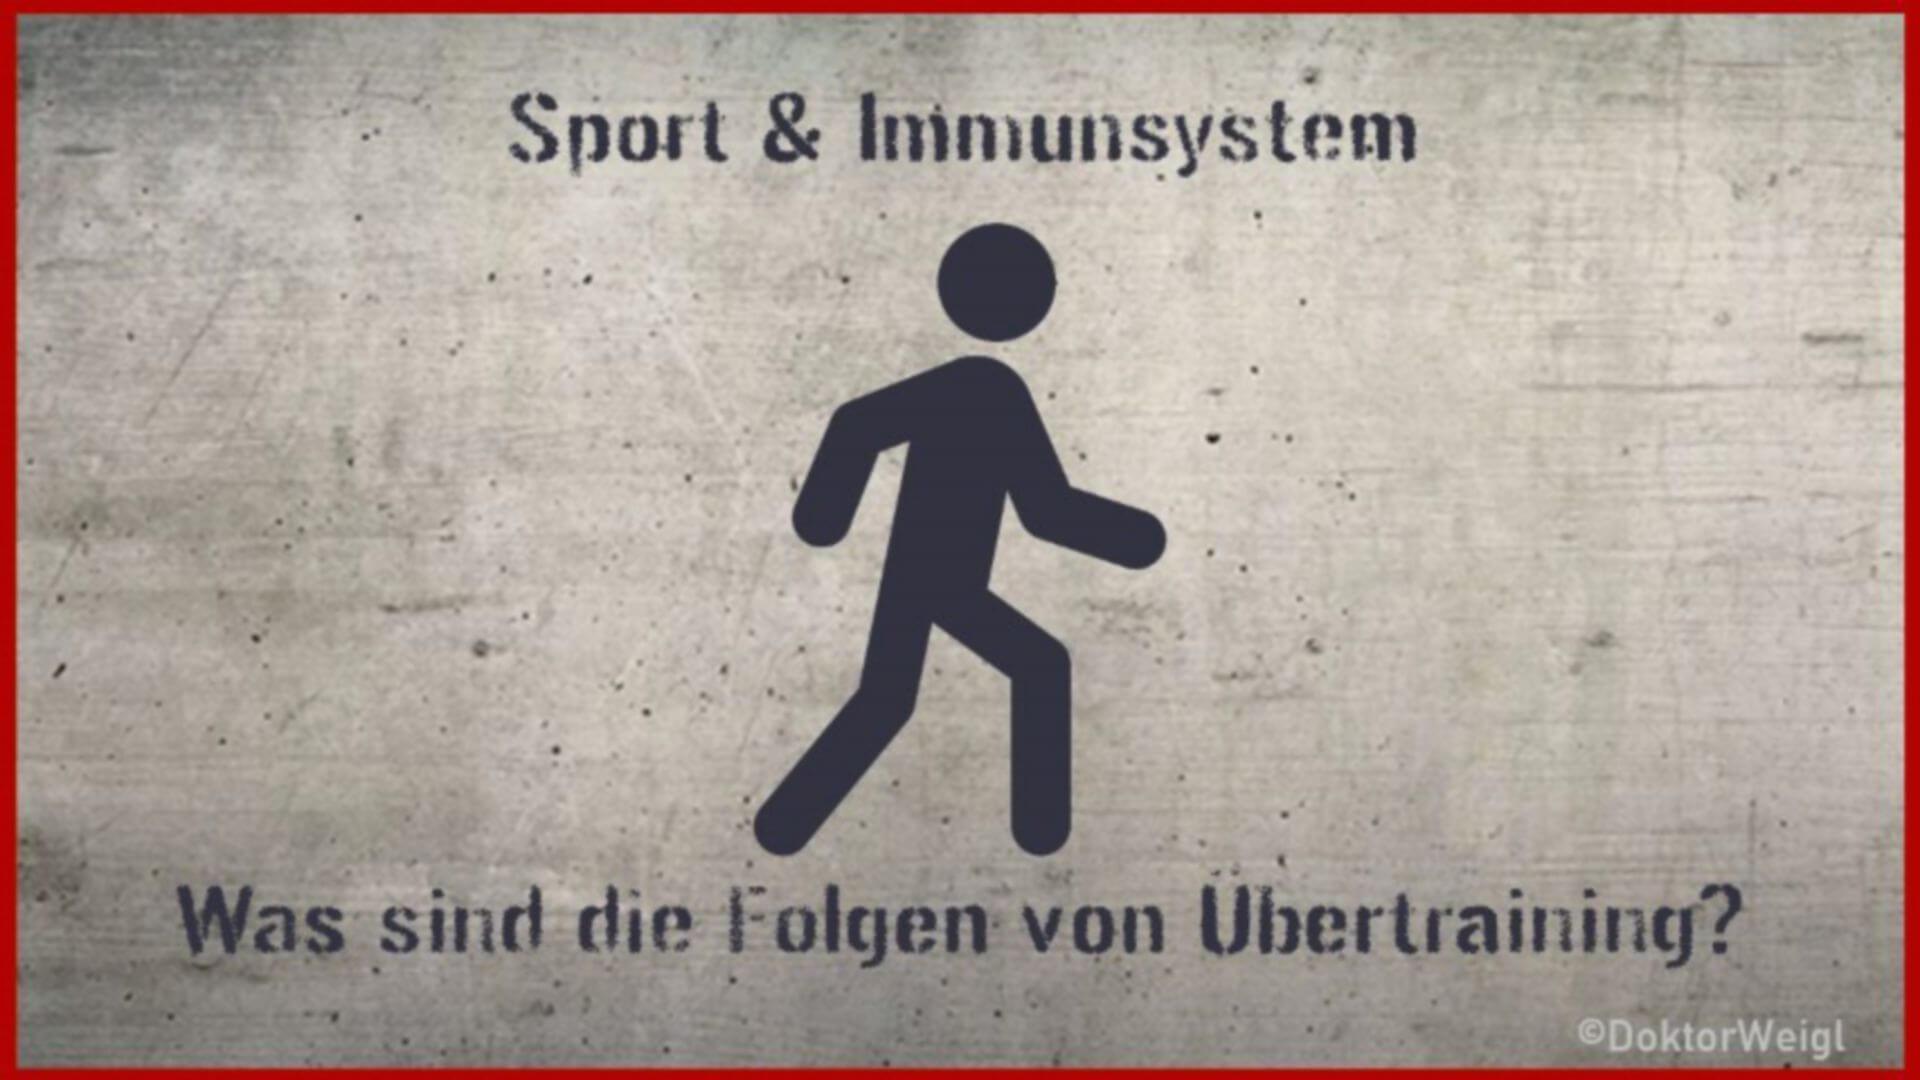 Sport stärkt das Immunsystem – doch das sind Folgen von Übertraining